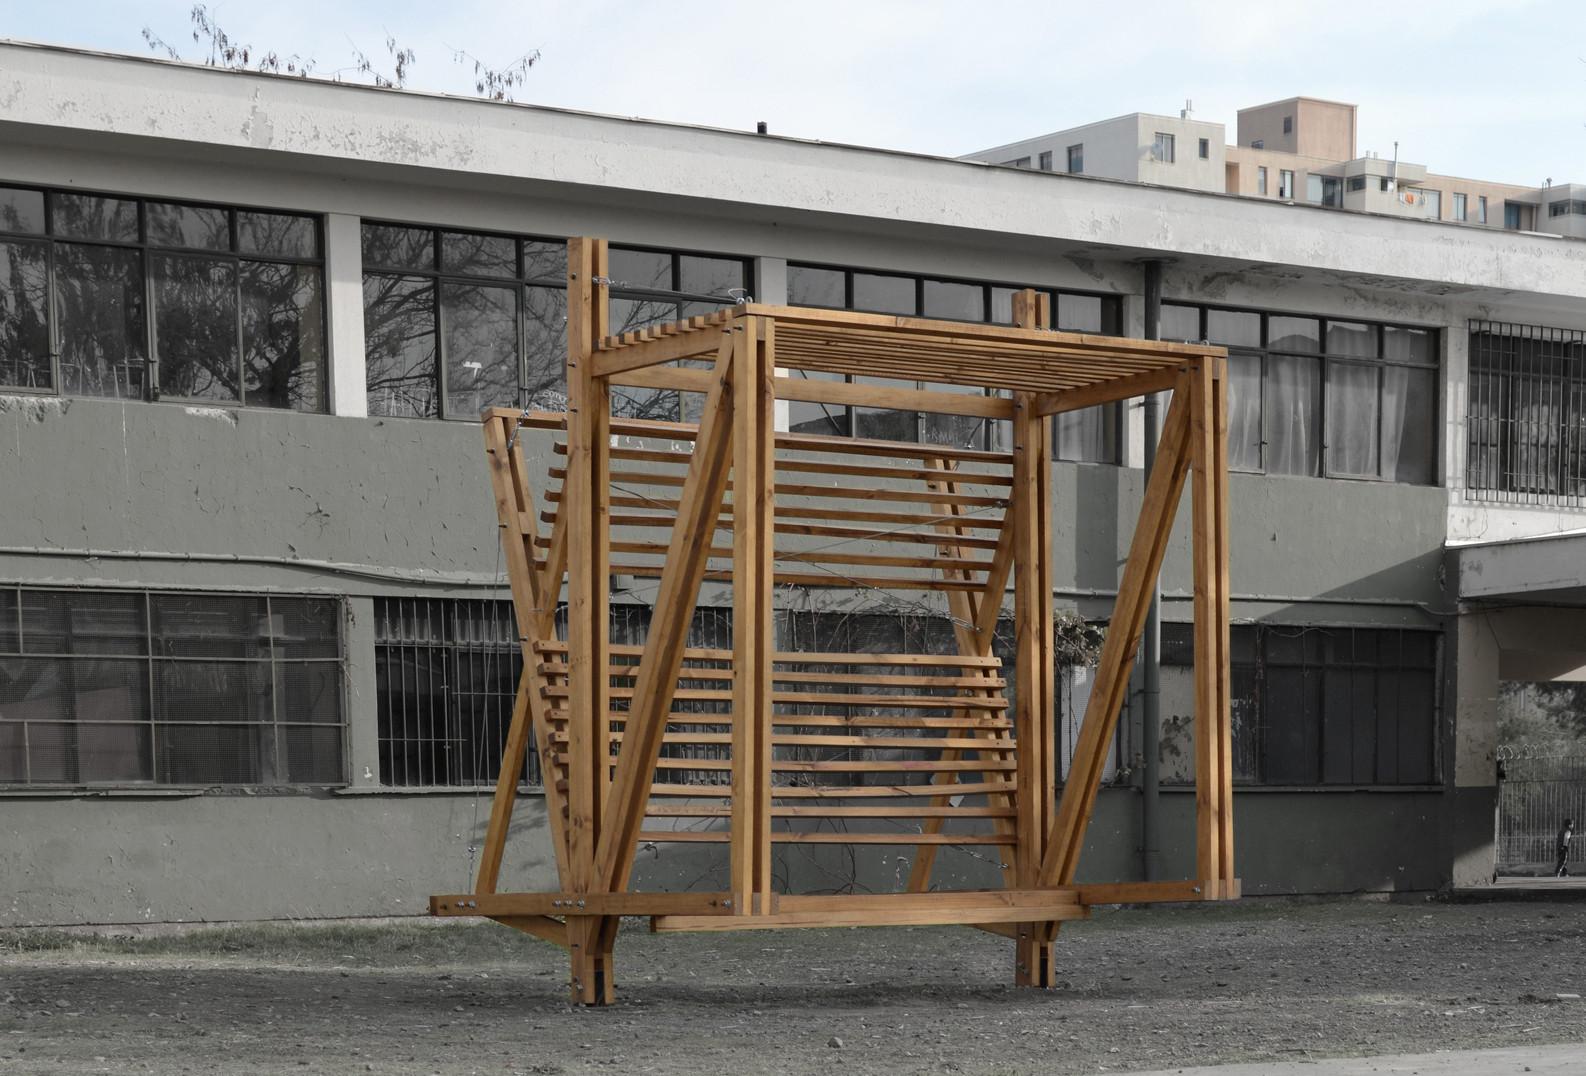 Ejercicio y aporte a la ciudad: estudiantes diseñan paradero de buses en madera , © Diego Romero Evans